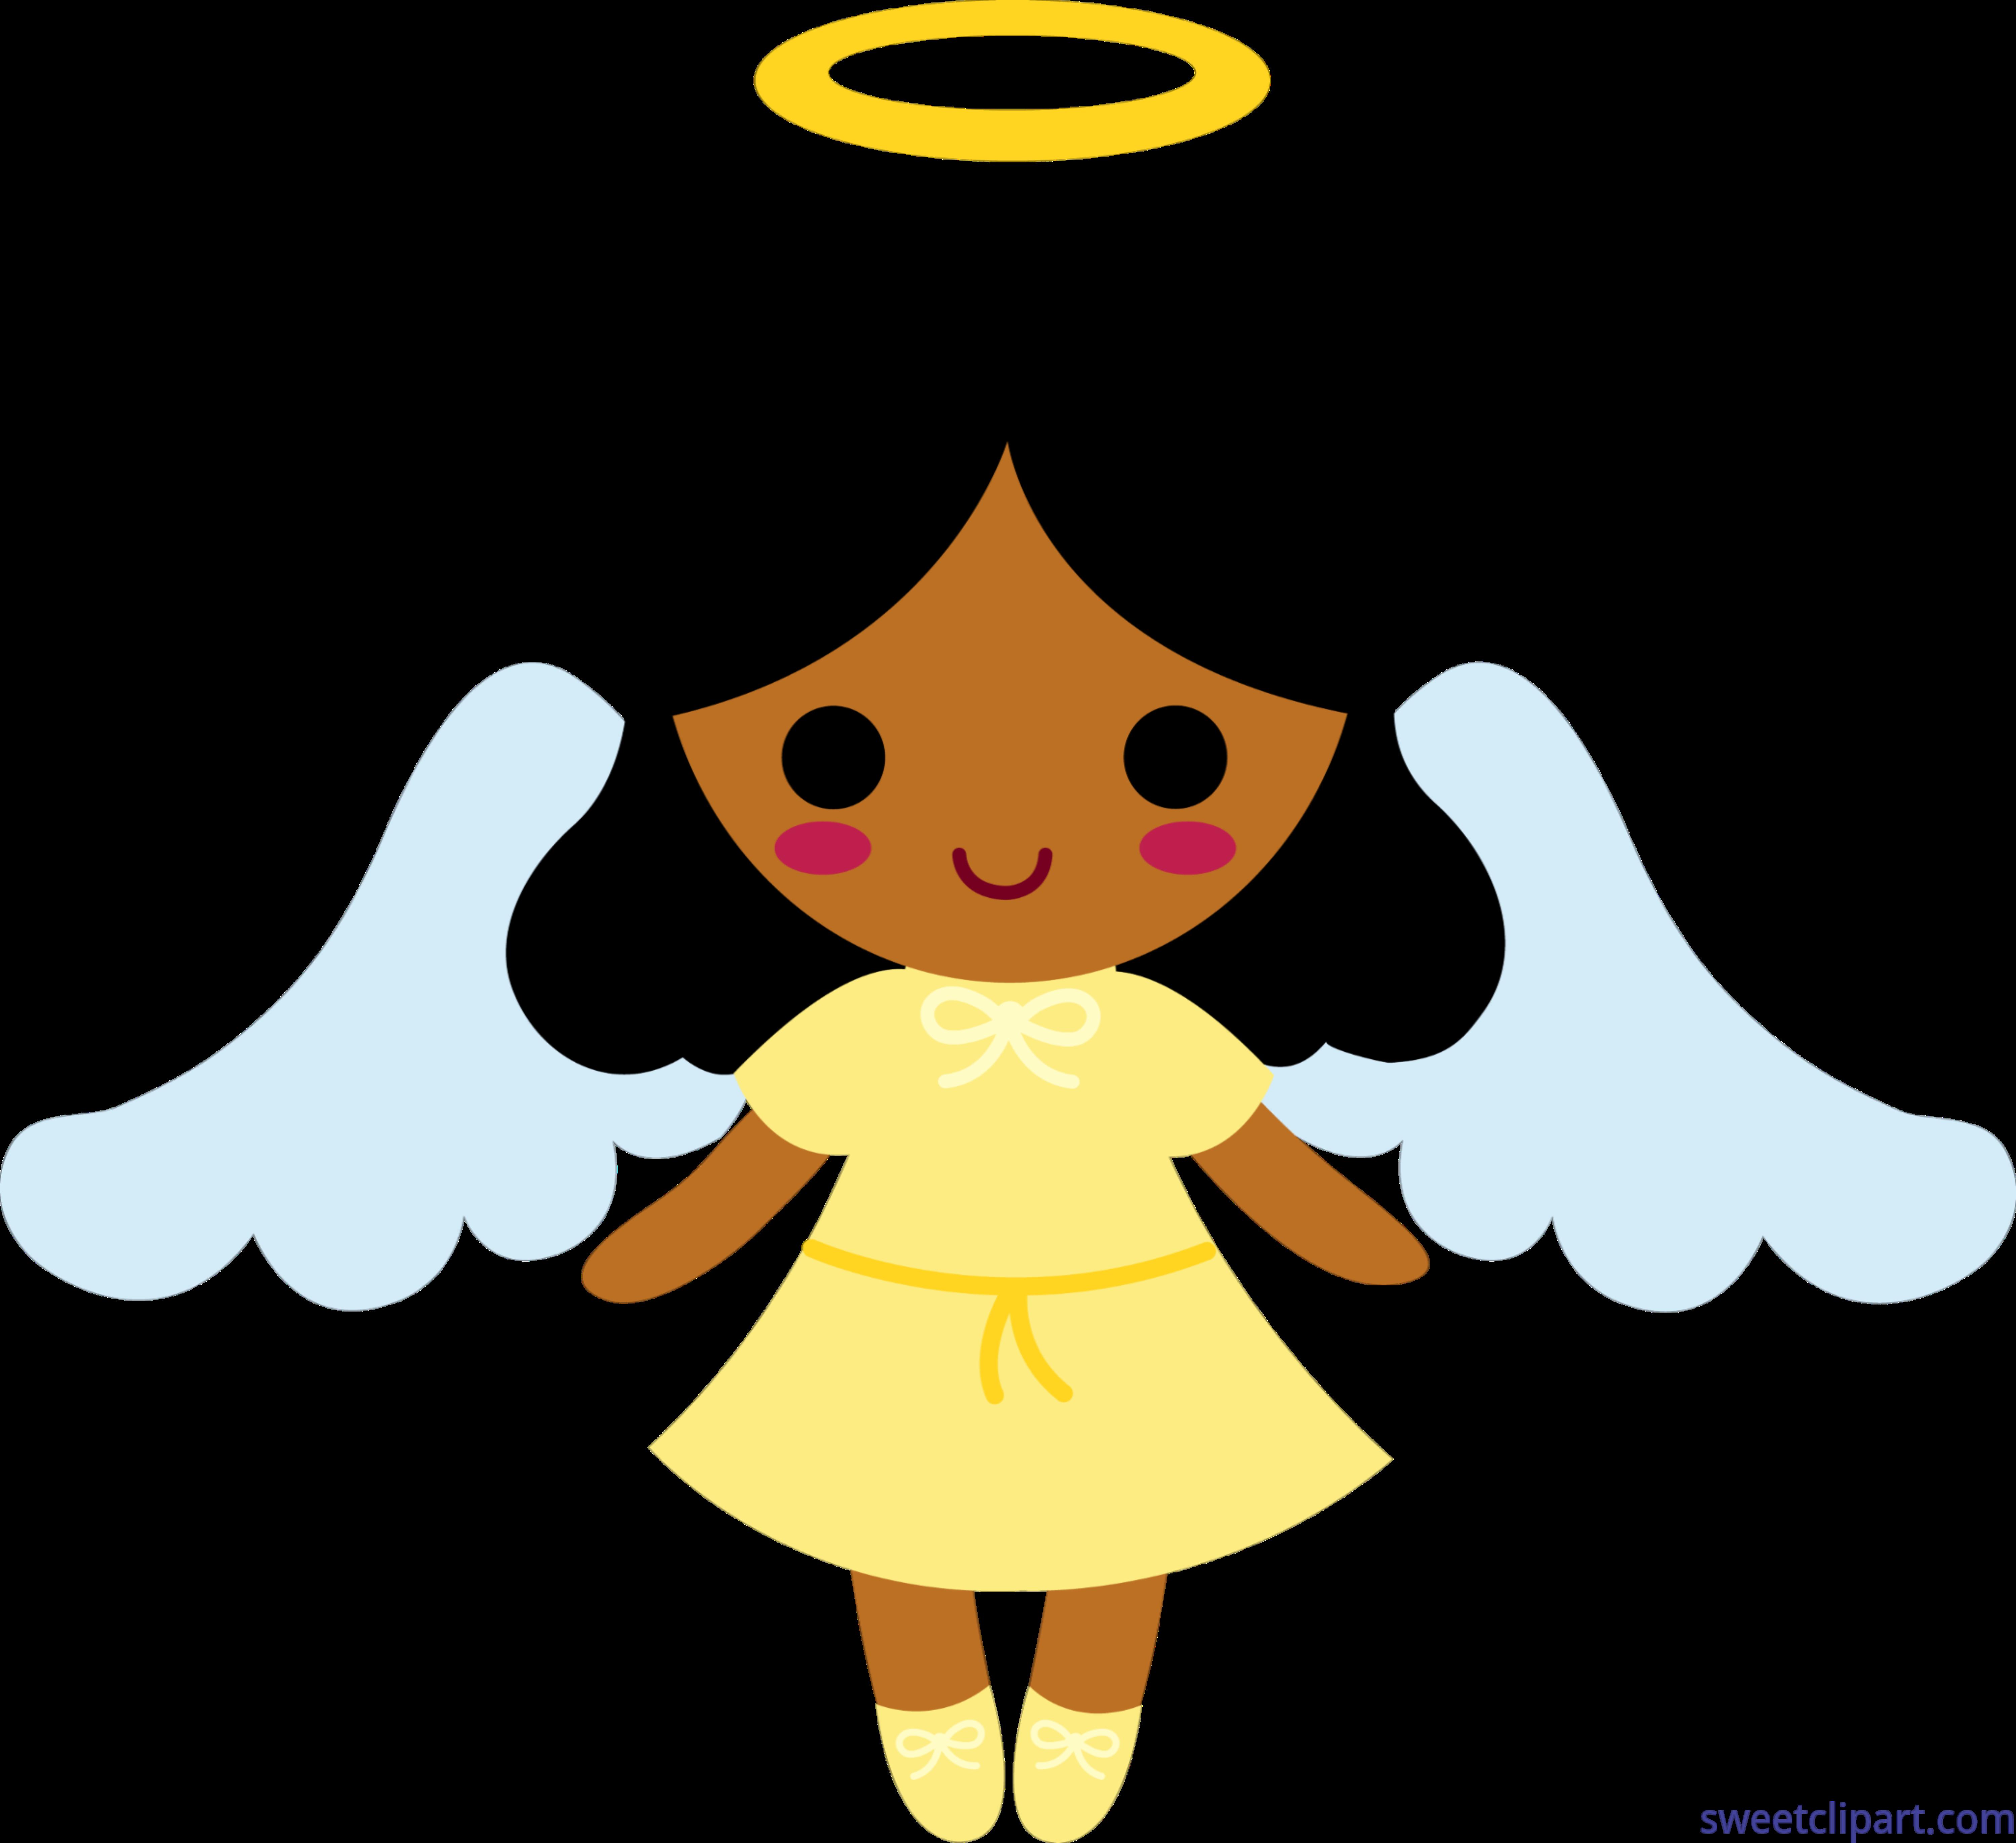 Little angel clip art. 2 clipart angels